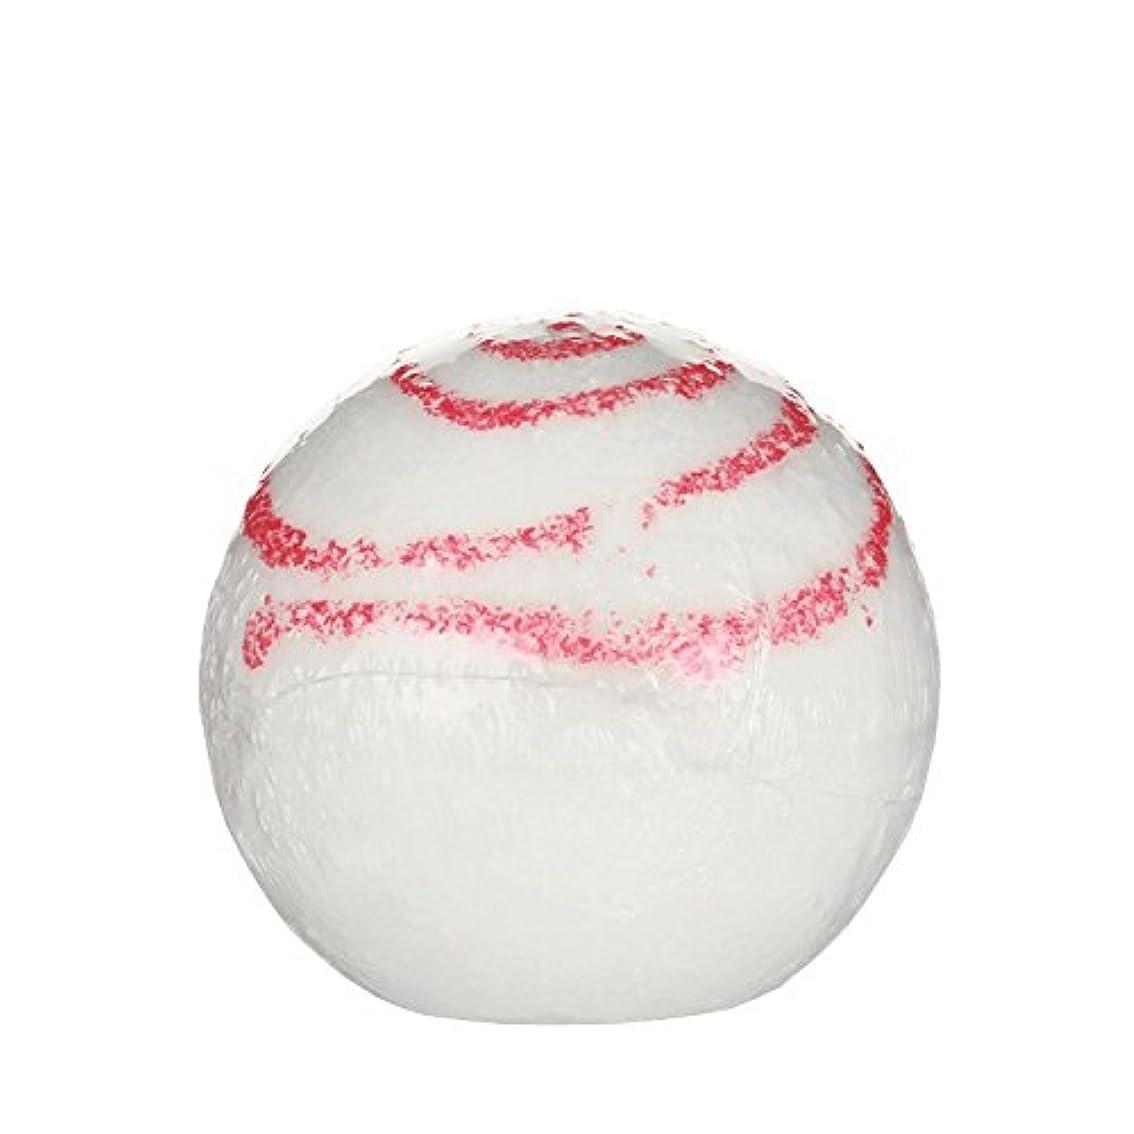 記事食品哲学的Treetsバスボールグリッターキス170グラム - Treets Bath Ball Glitter Kiss 170g (Treets) [並行輸入品]